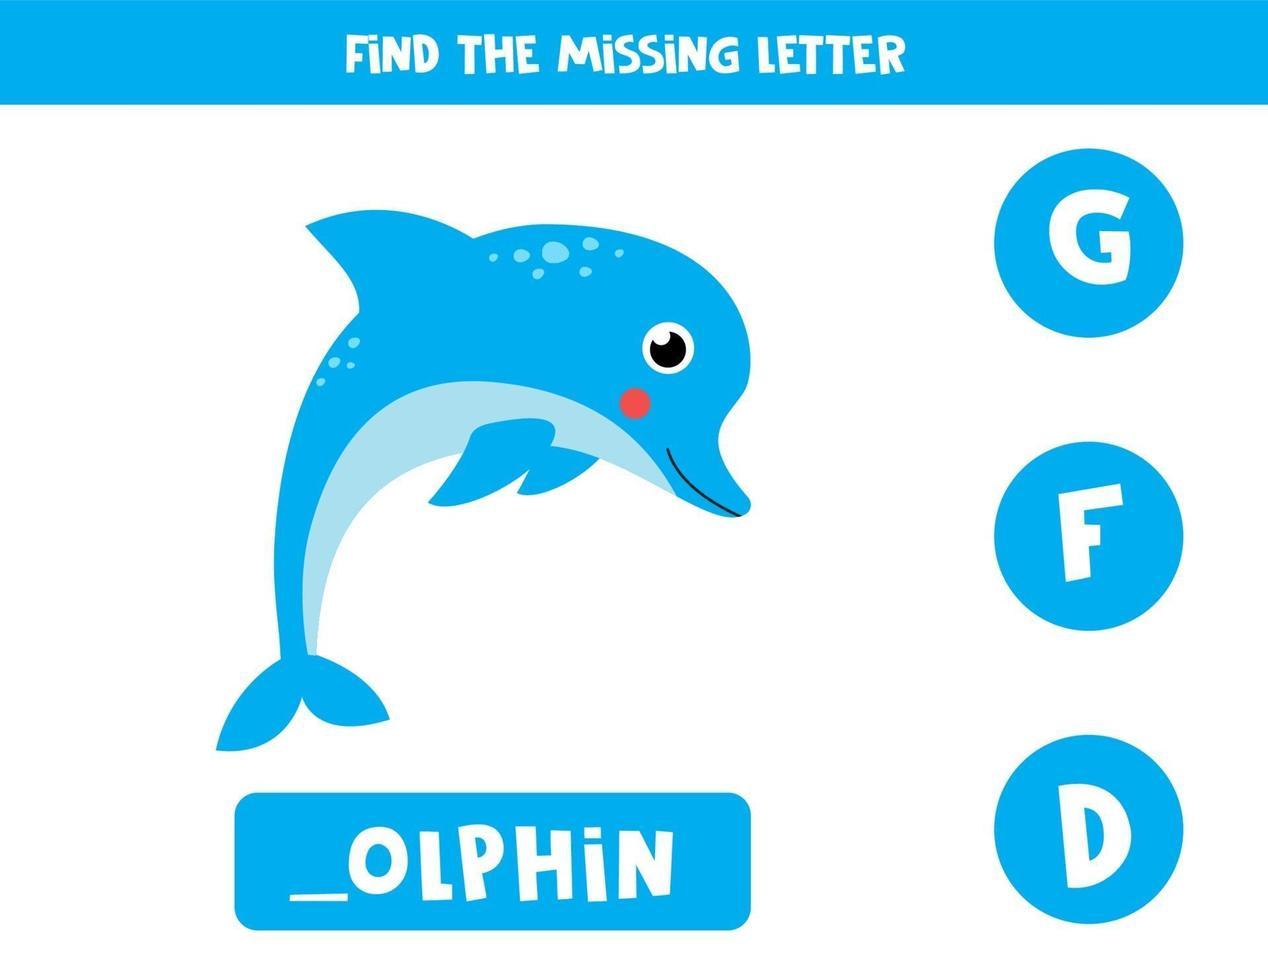 trova la lettera mancante e scrivila. delfino simpatico cartone animato. vettore